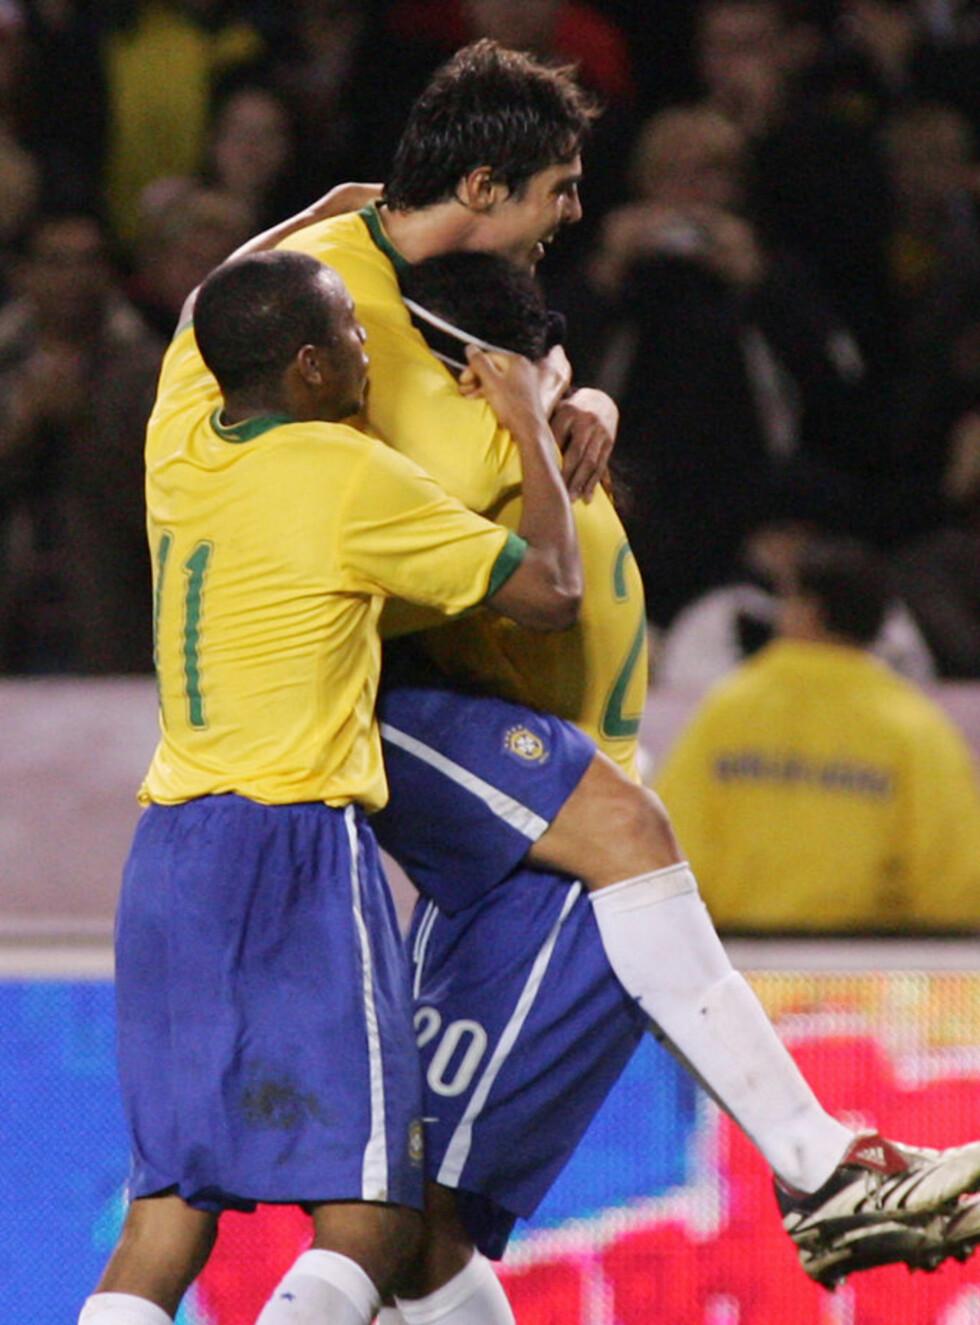 BALLSJONGLØRER: Brasil er kjent for tekniske spillere som Kaka, Ronaldinho og Robinho. Nå får norske spillere sjansen til å trene i sambalandet.